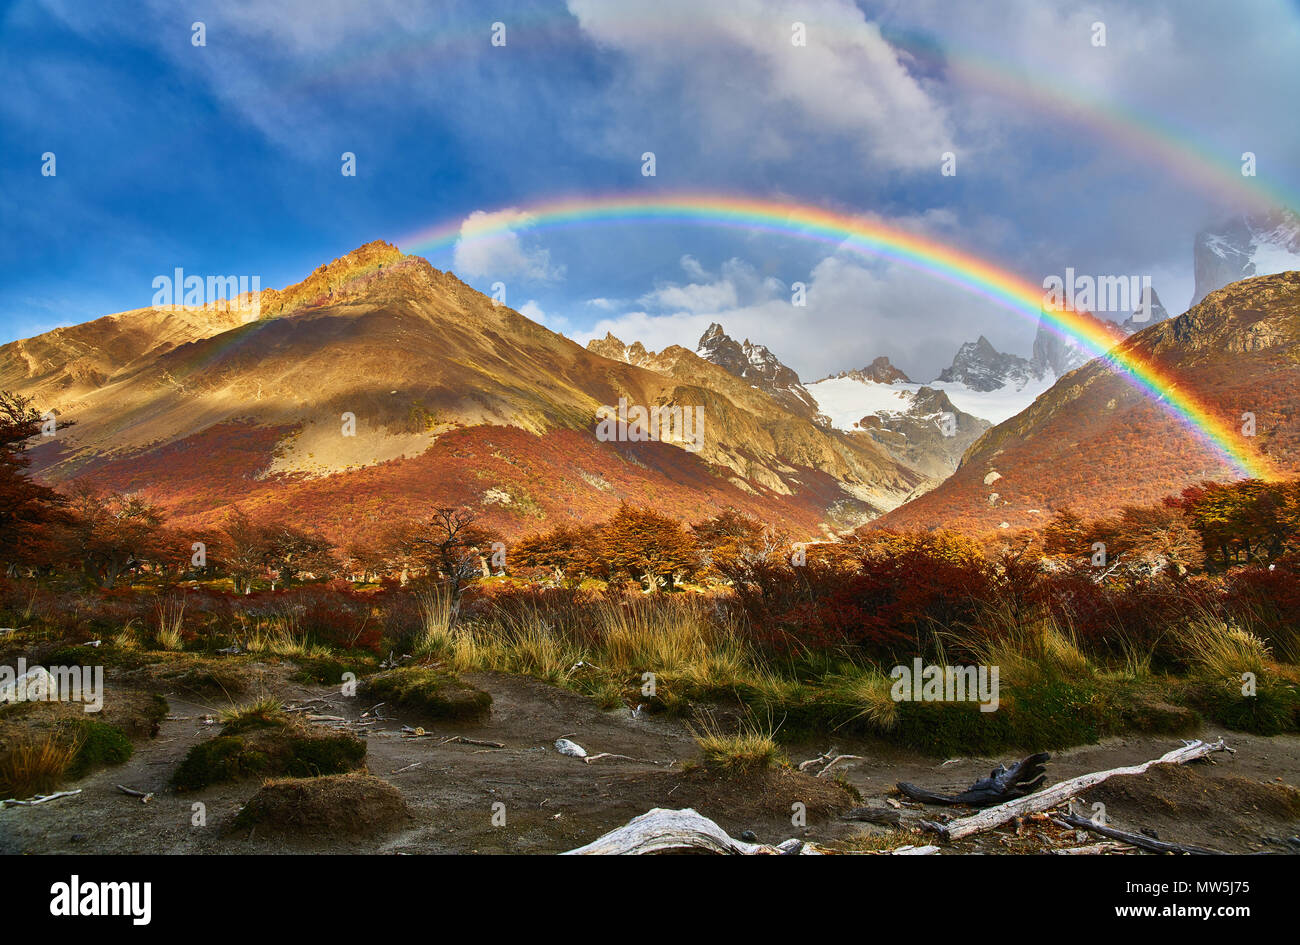 Montagnes et un arc-en-ciel dans le parc national Los Glaciares. Patagonie Argentine à l'automne Banque D'Images